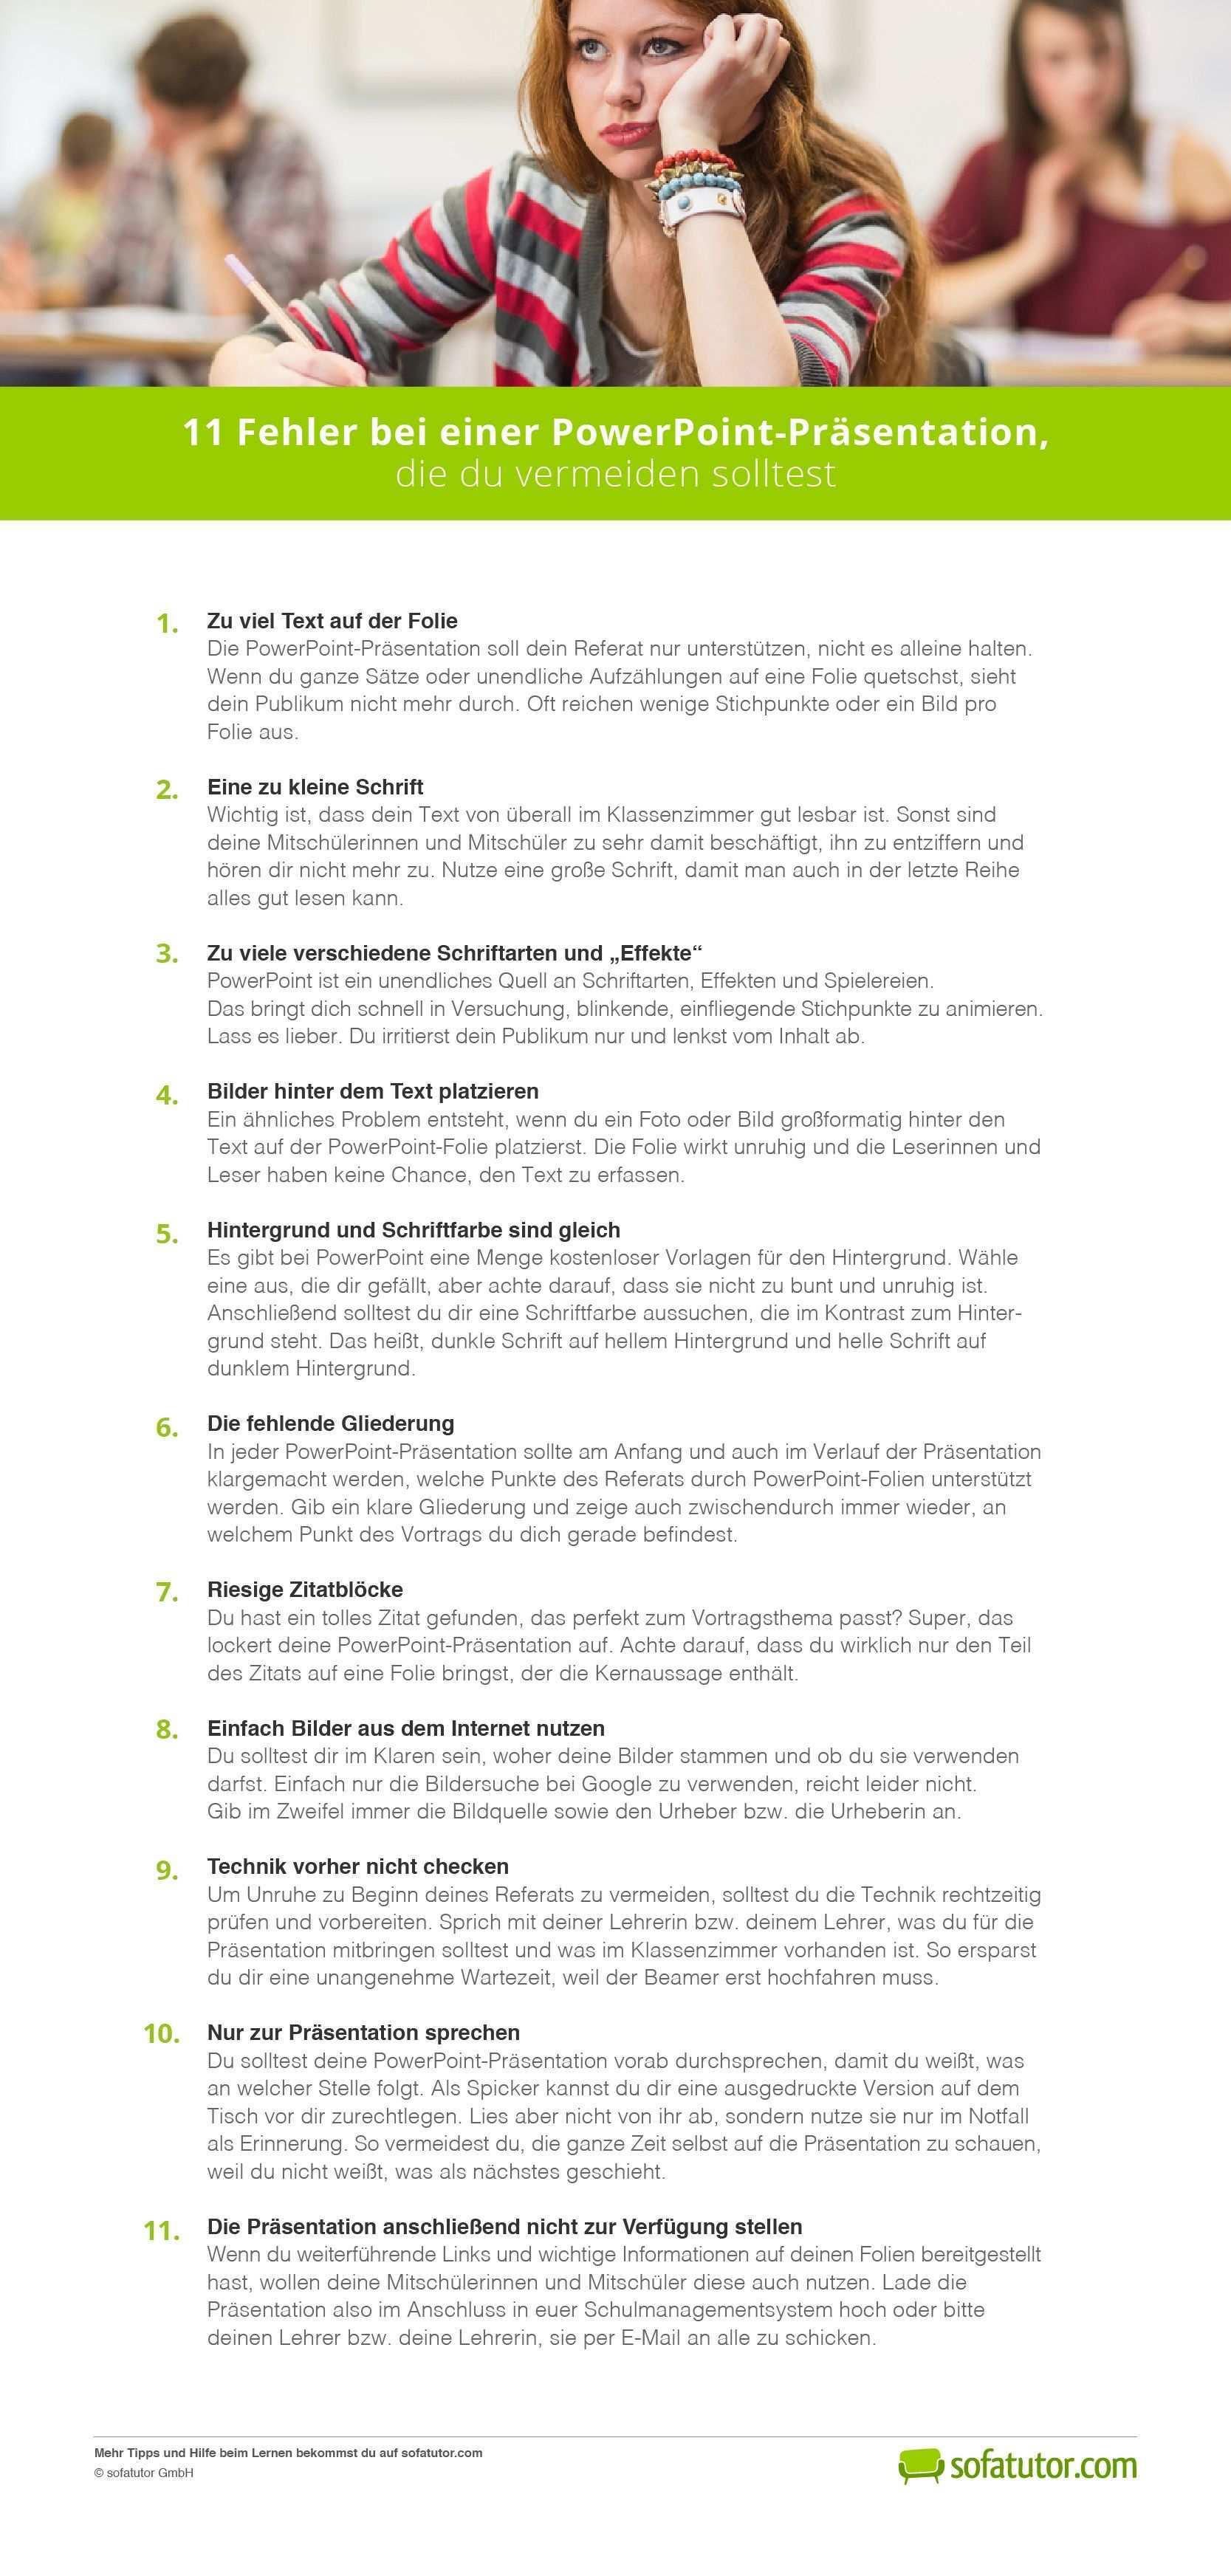 Damit Dein Referat Richtig Zur Geltung Kommt Kannst Du Eine Powerpoint Prasentation E Powerpoint Prasentation Prasentation Tipps Powerpoint Prasentation Tipps